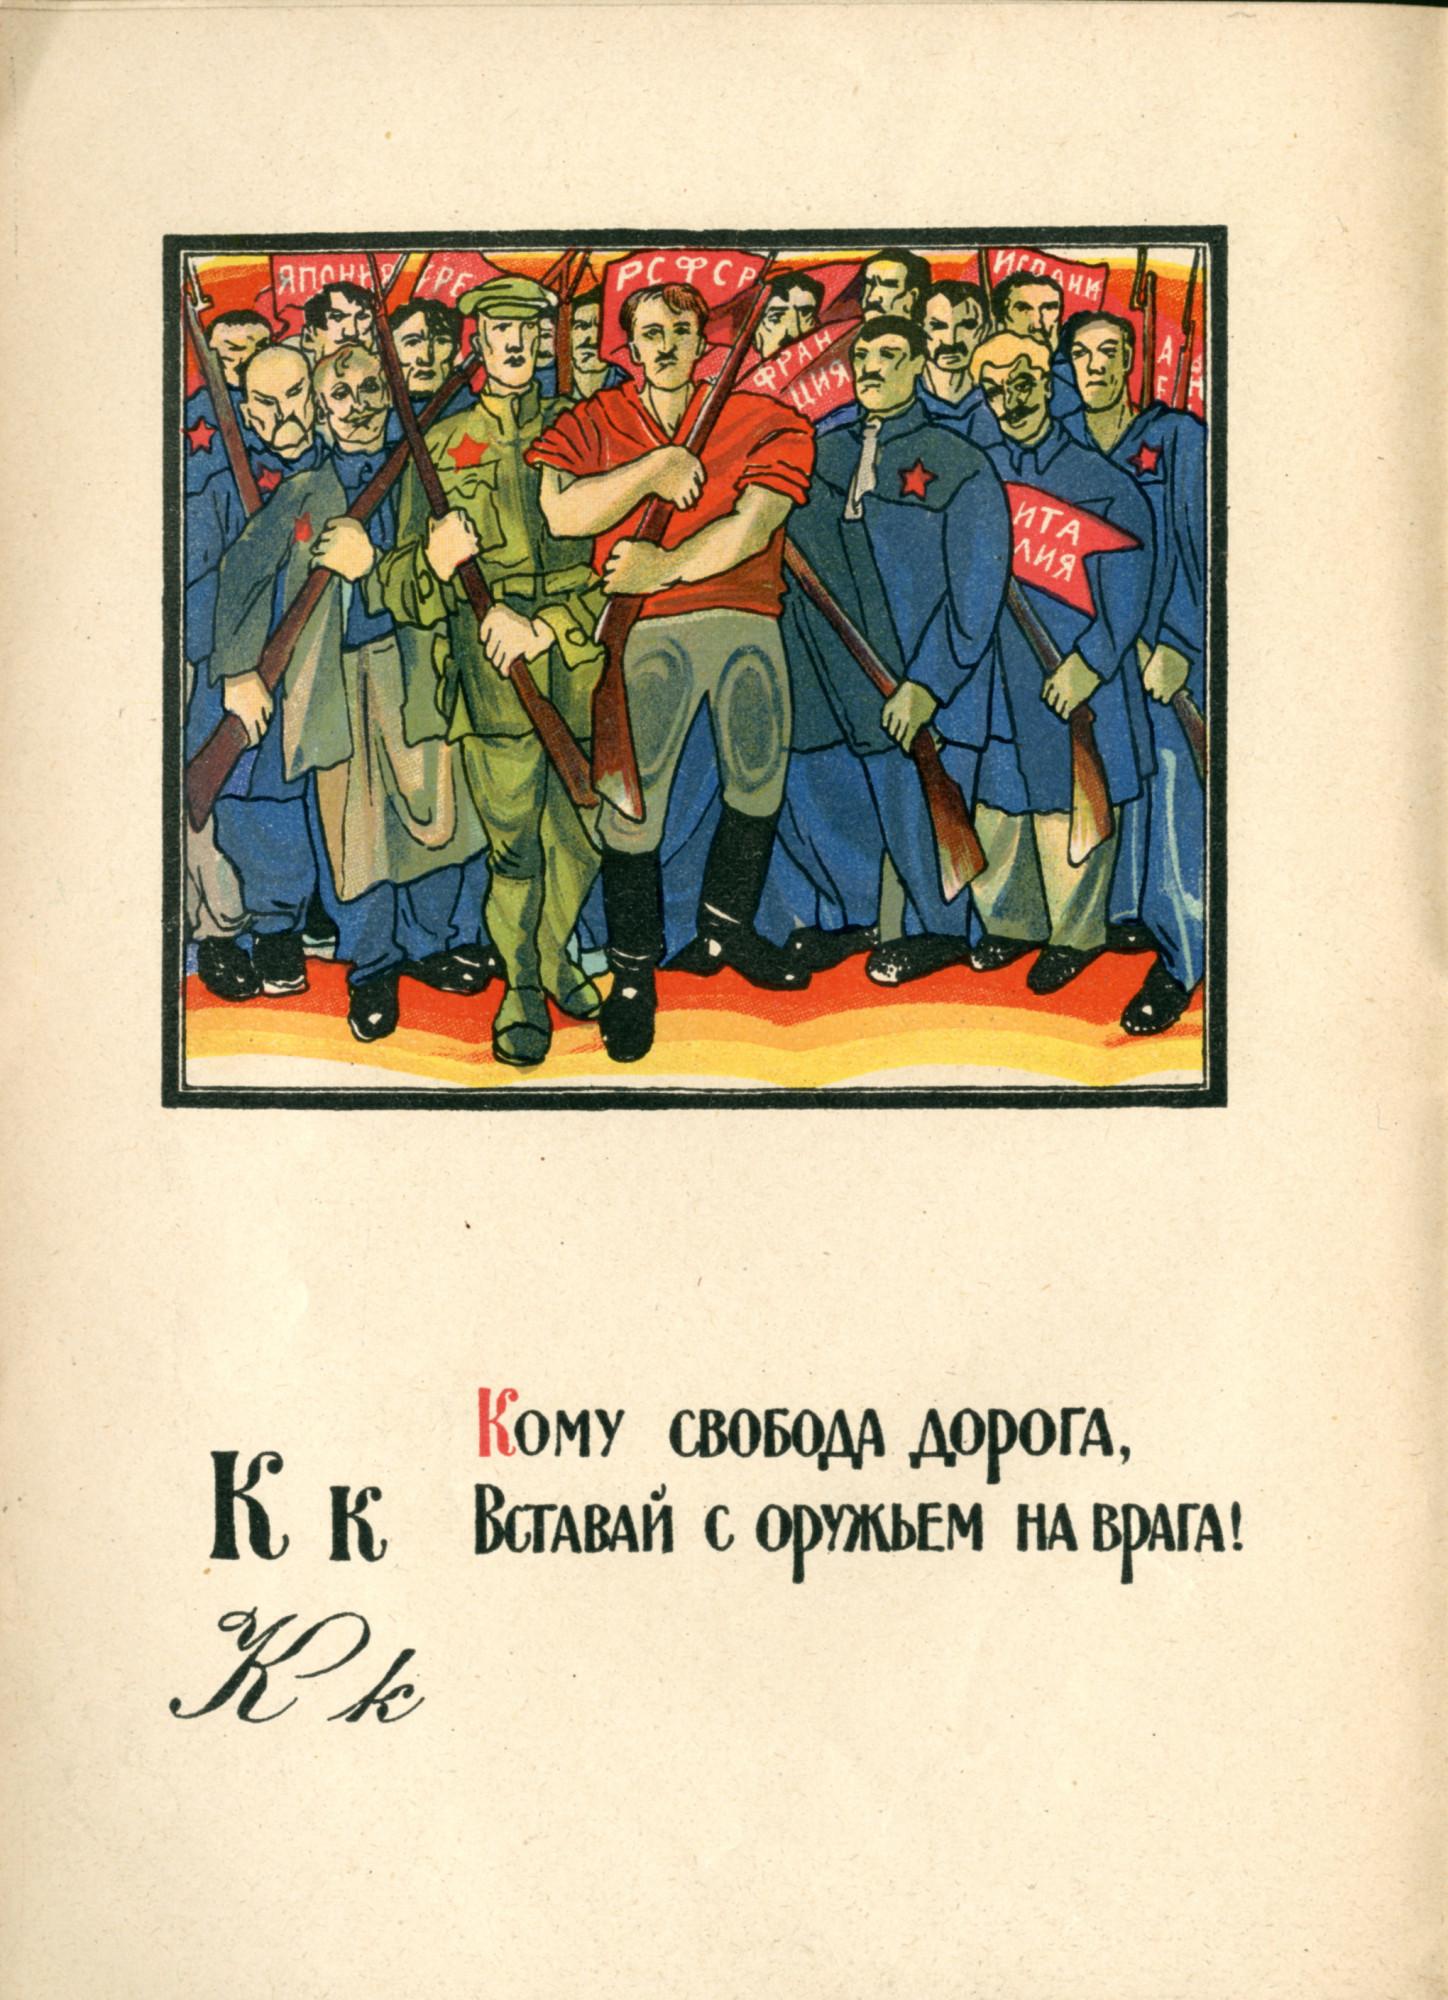 Грезы о мировой революции. На первом плане - итальянец, француз, китаец (по правую руку от русского рабочего и солдата!),  сзади - японец, испанец, кто-то еще.